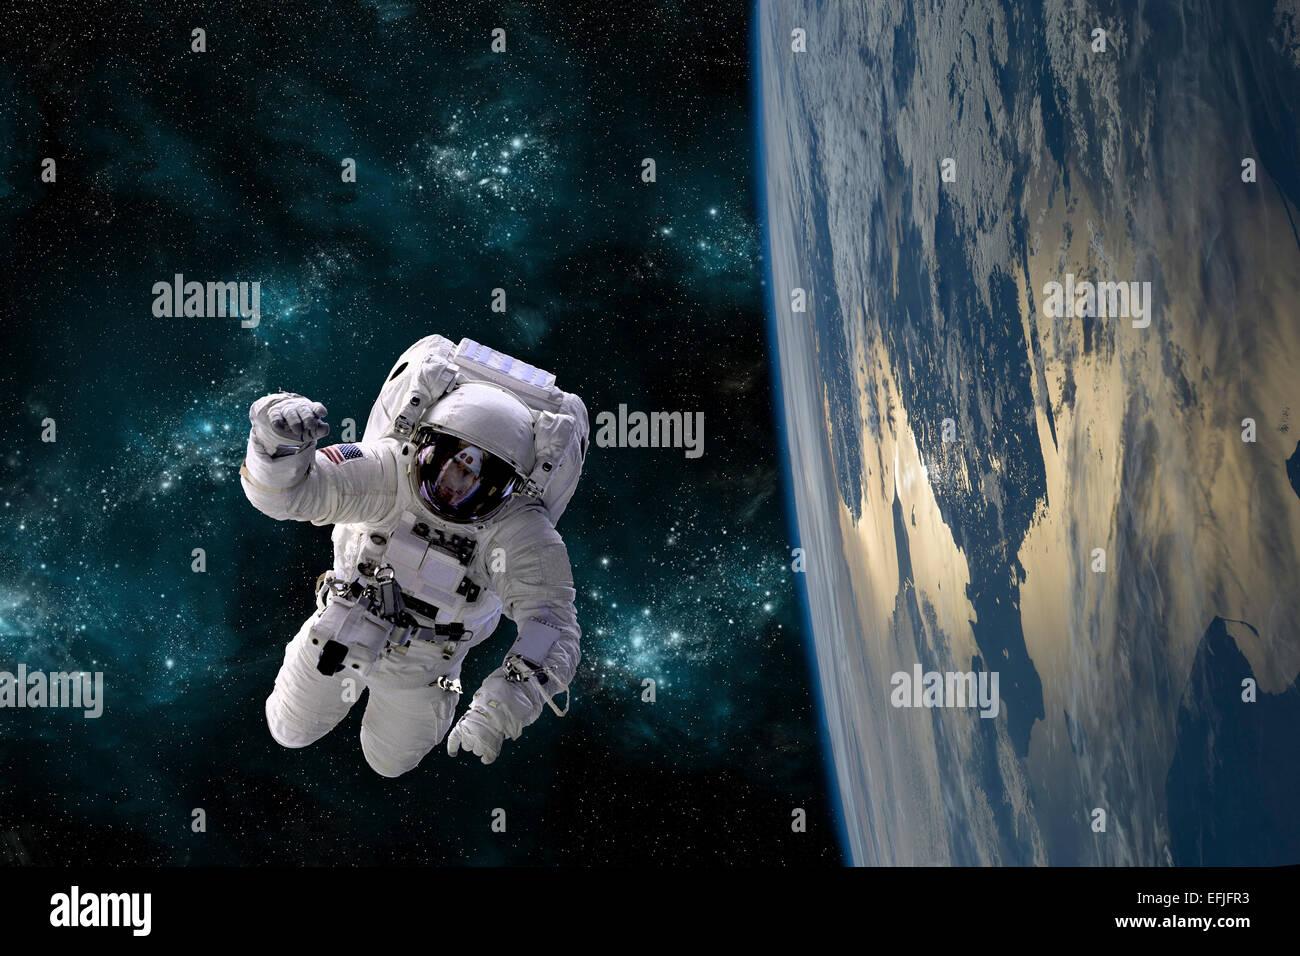 Un artista della raffigurazione di un astronauta fluttuante nello spazio mentre in orbita intorno a una grande massa Immagini Stock